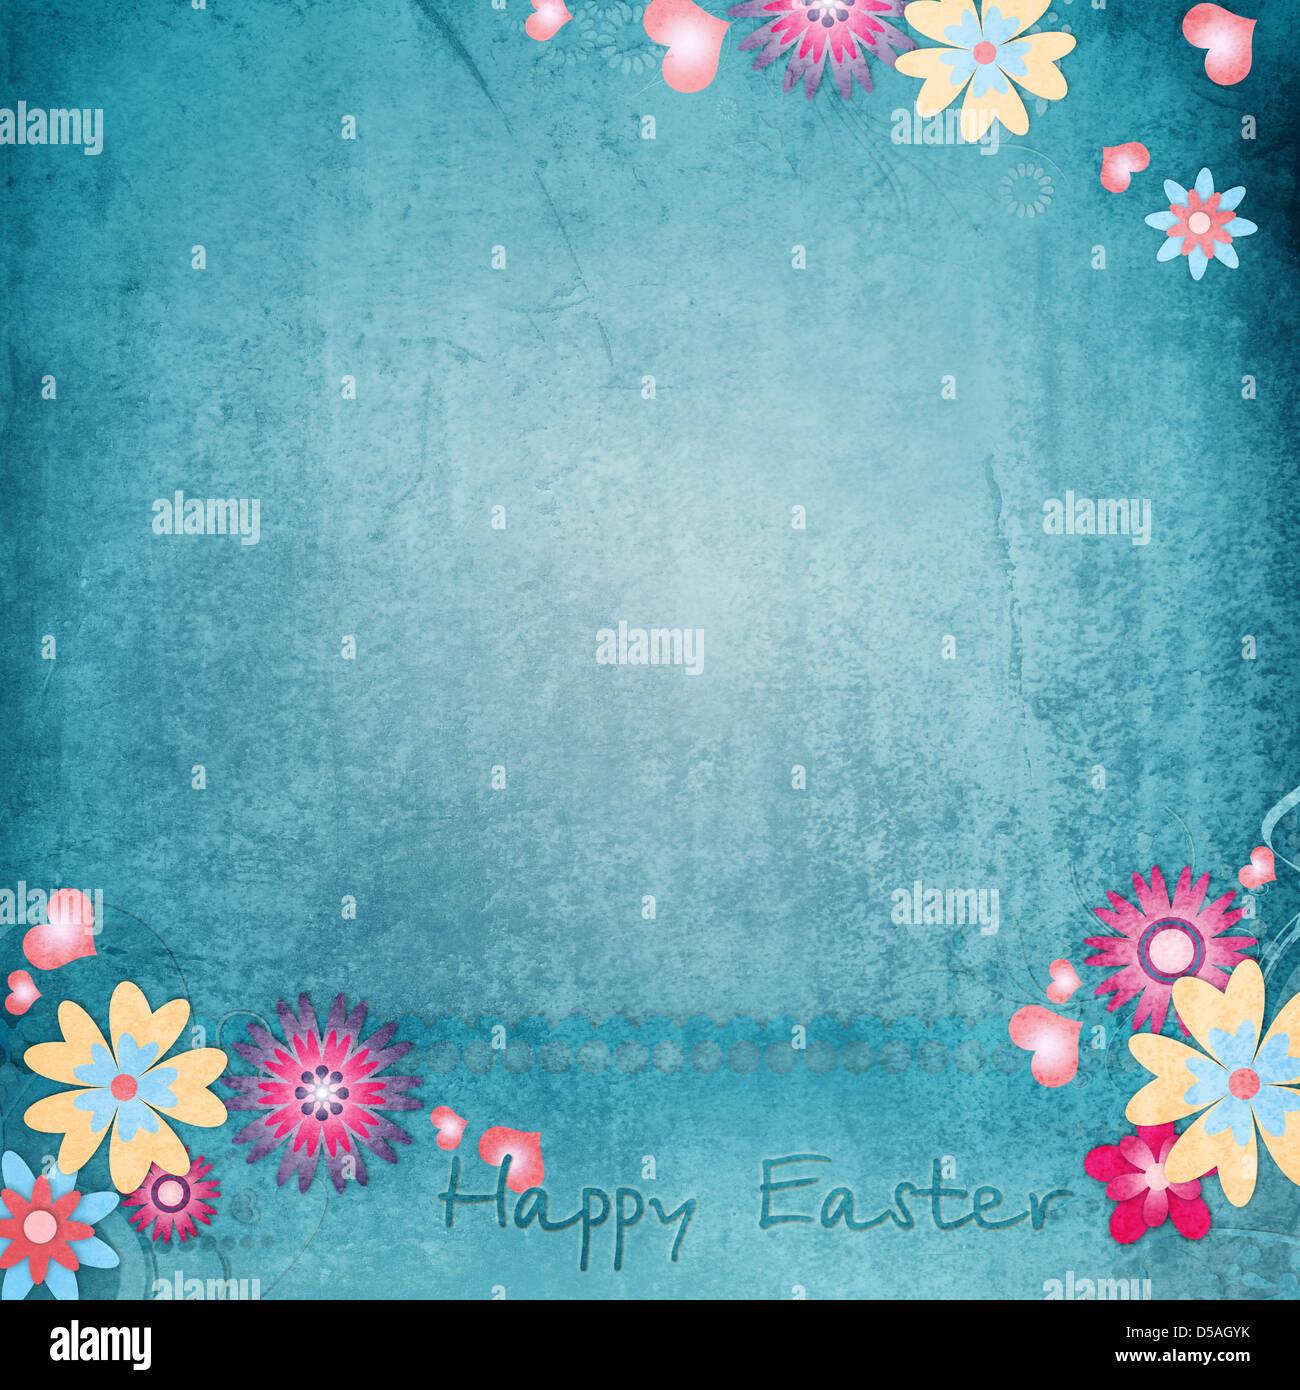 Joyeuses Pâques Carte de souhaits avec des fleurs, des coeurs Photo Stock